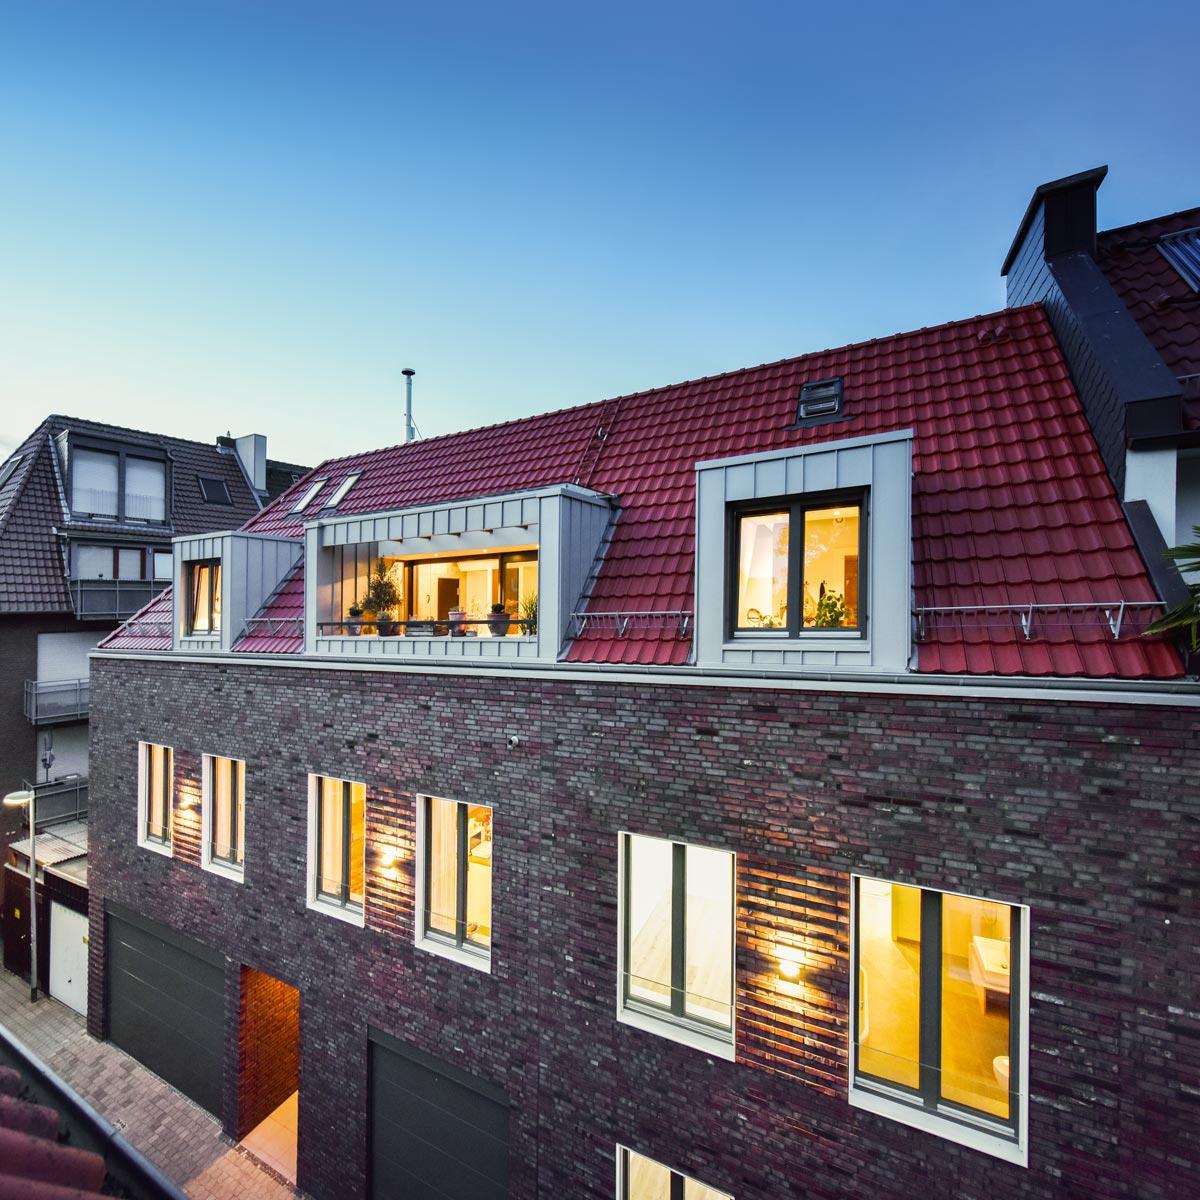 Haus S Münster - Architekten Spiekermann (Oliver Spiekermann)